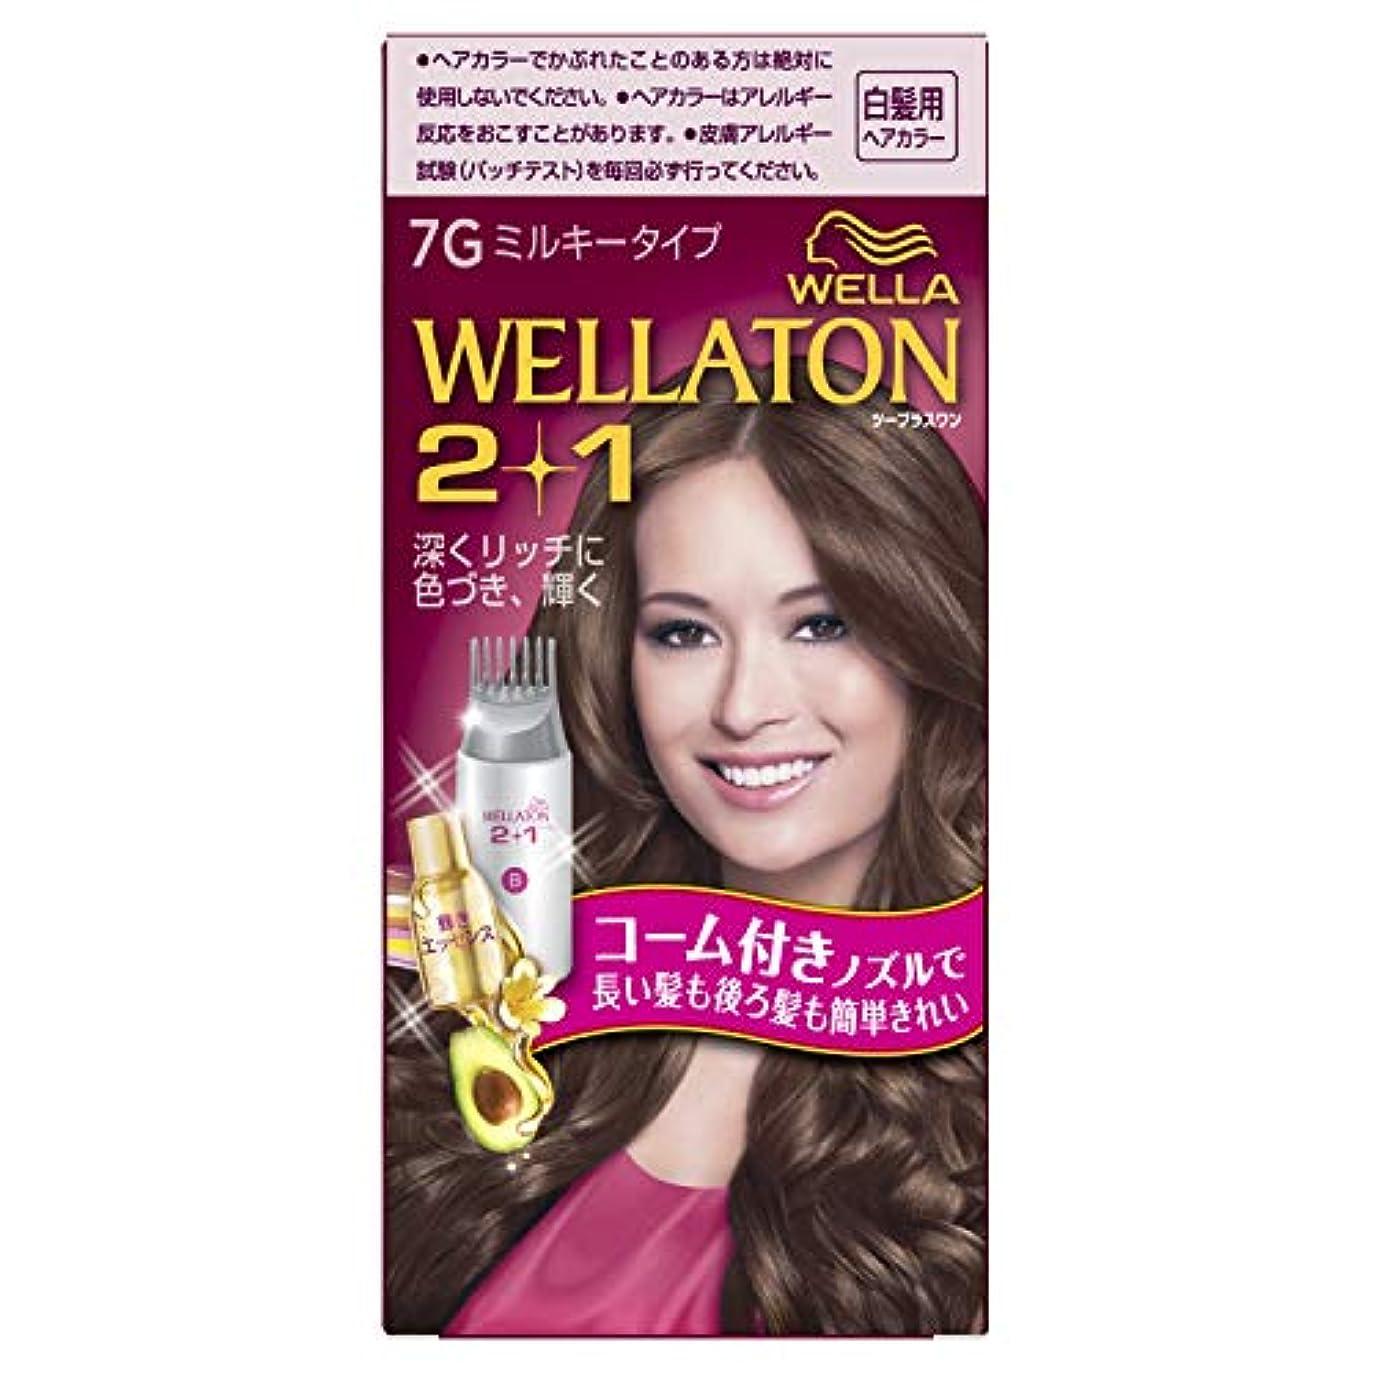 [医薬部外品]ウエラトーン 2+1 ミルキー EX 7G 明るいウォームブラウン(おしゃれな白髪染め) 60g+60ml+5.5ml